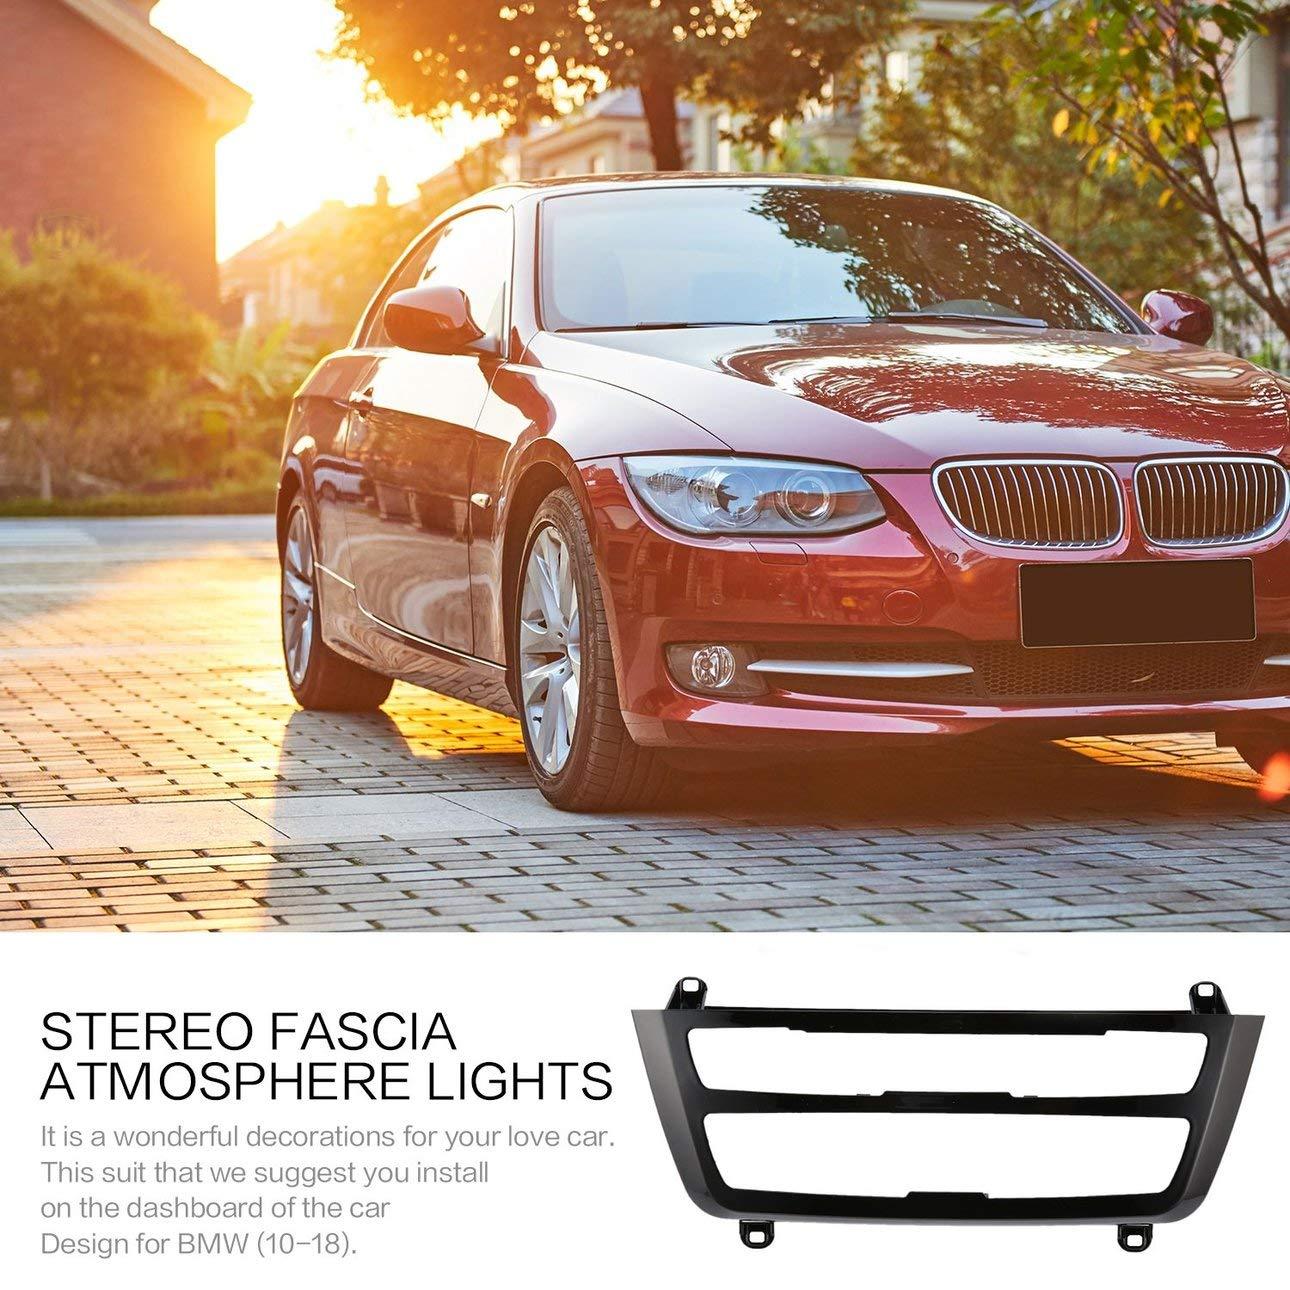 Ballylelly Luci Atmosfera Costruite su Car Stereo Fascia per BMW Serie 3 F30 F35 Fascia Colore variabile Stereo Atmosfera Luci